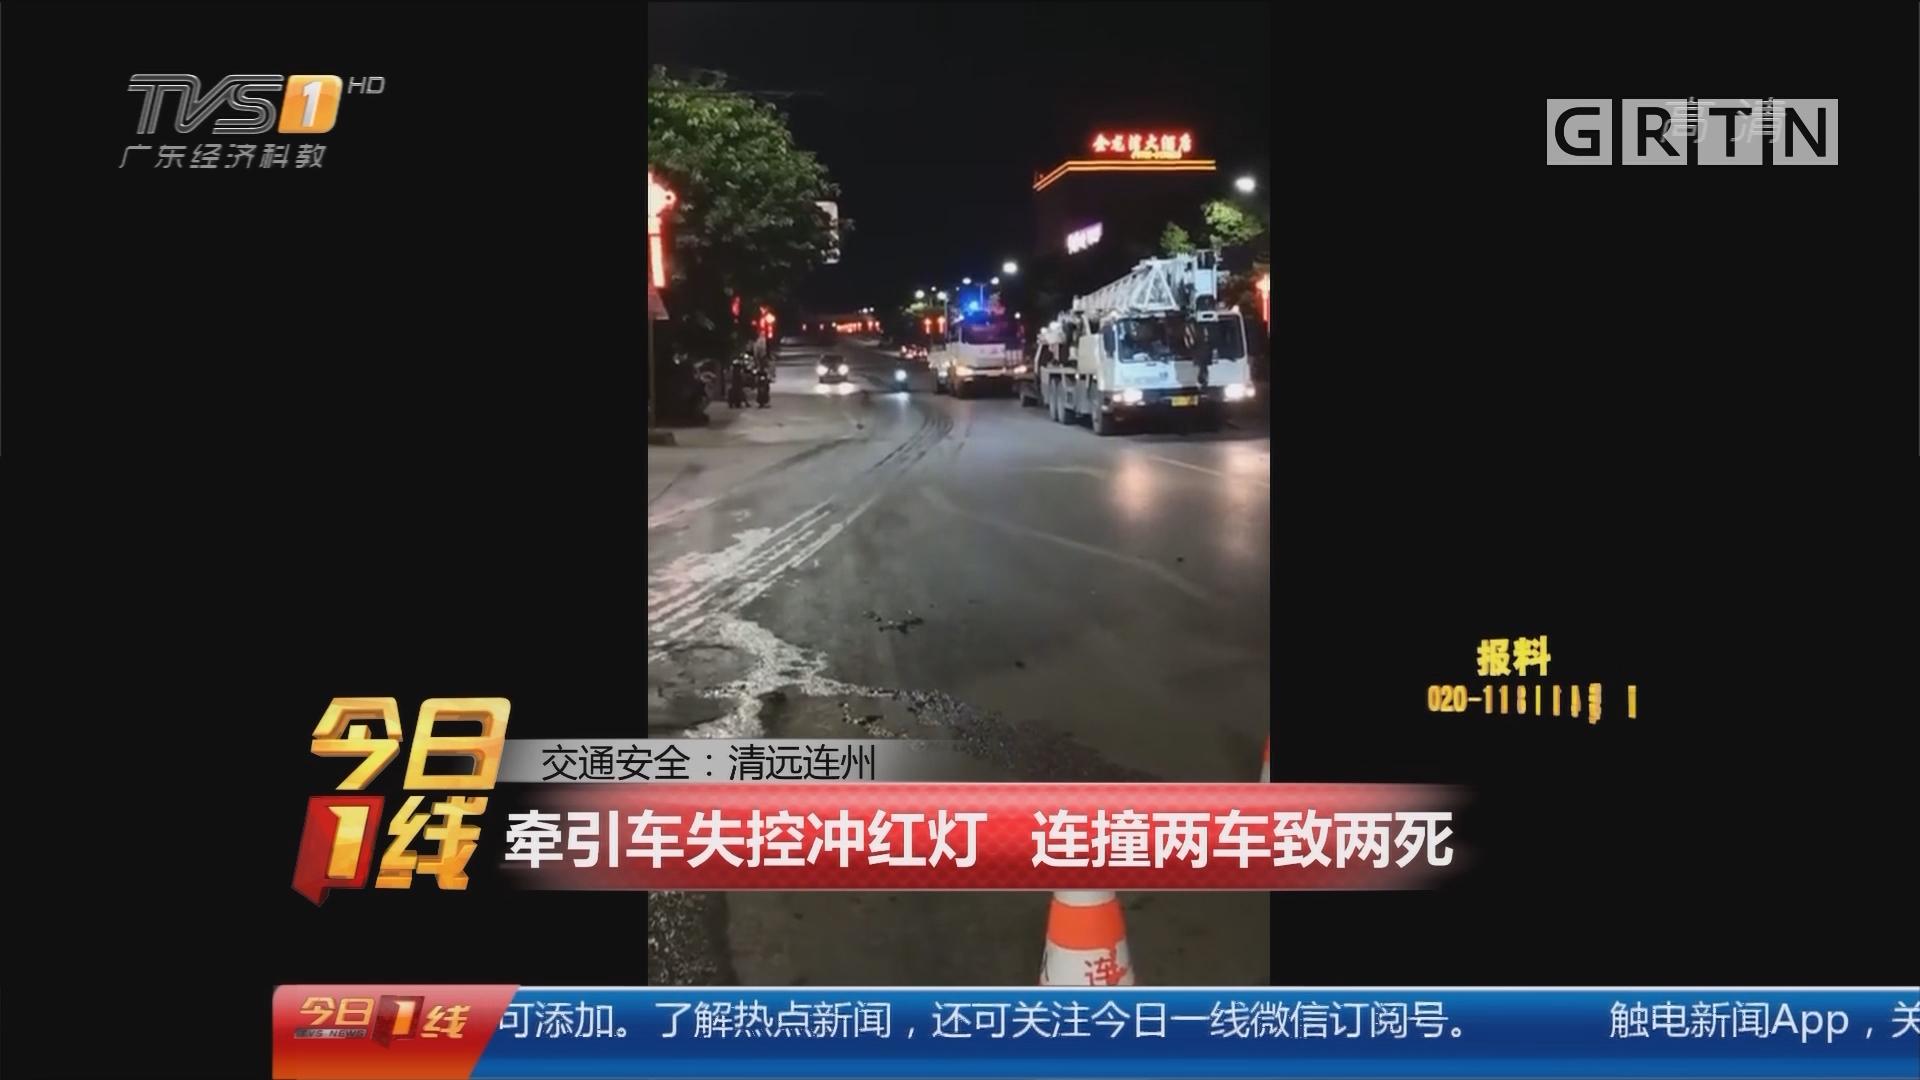 交通安全:清远连州 牵引车失控冲红灯 连撞两车致两死